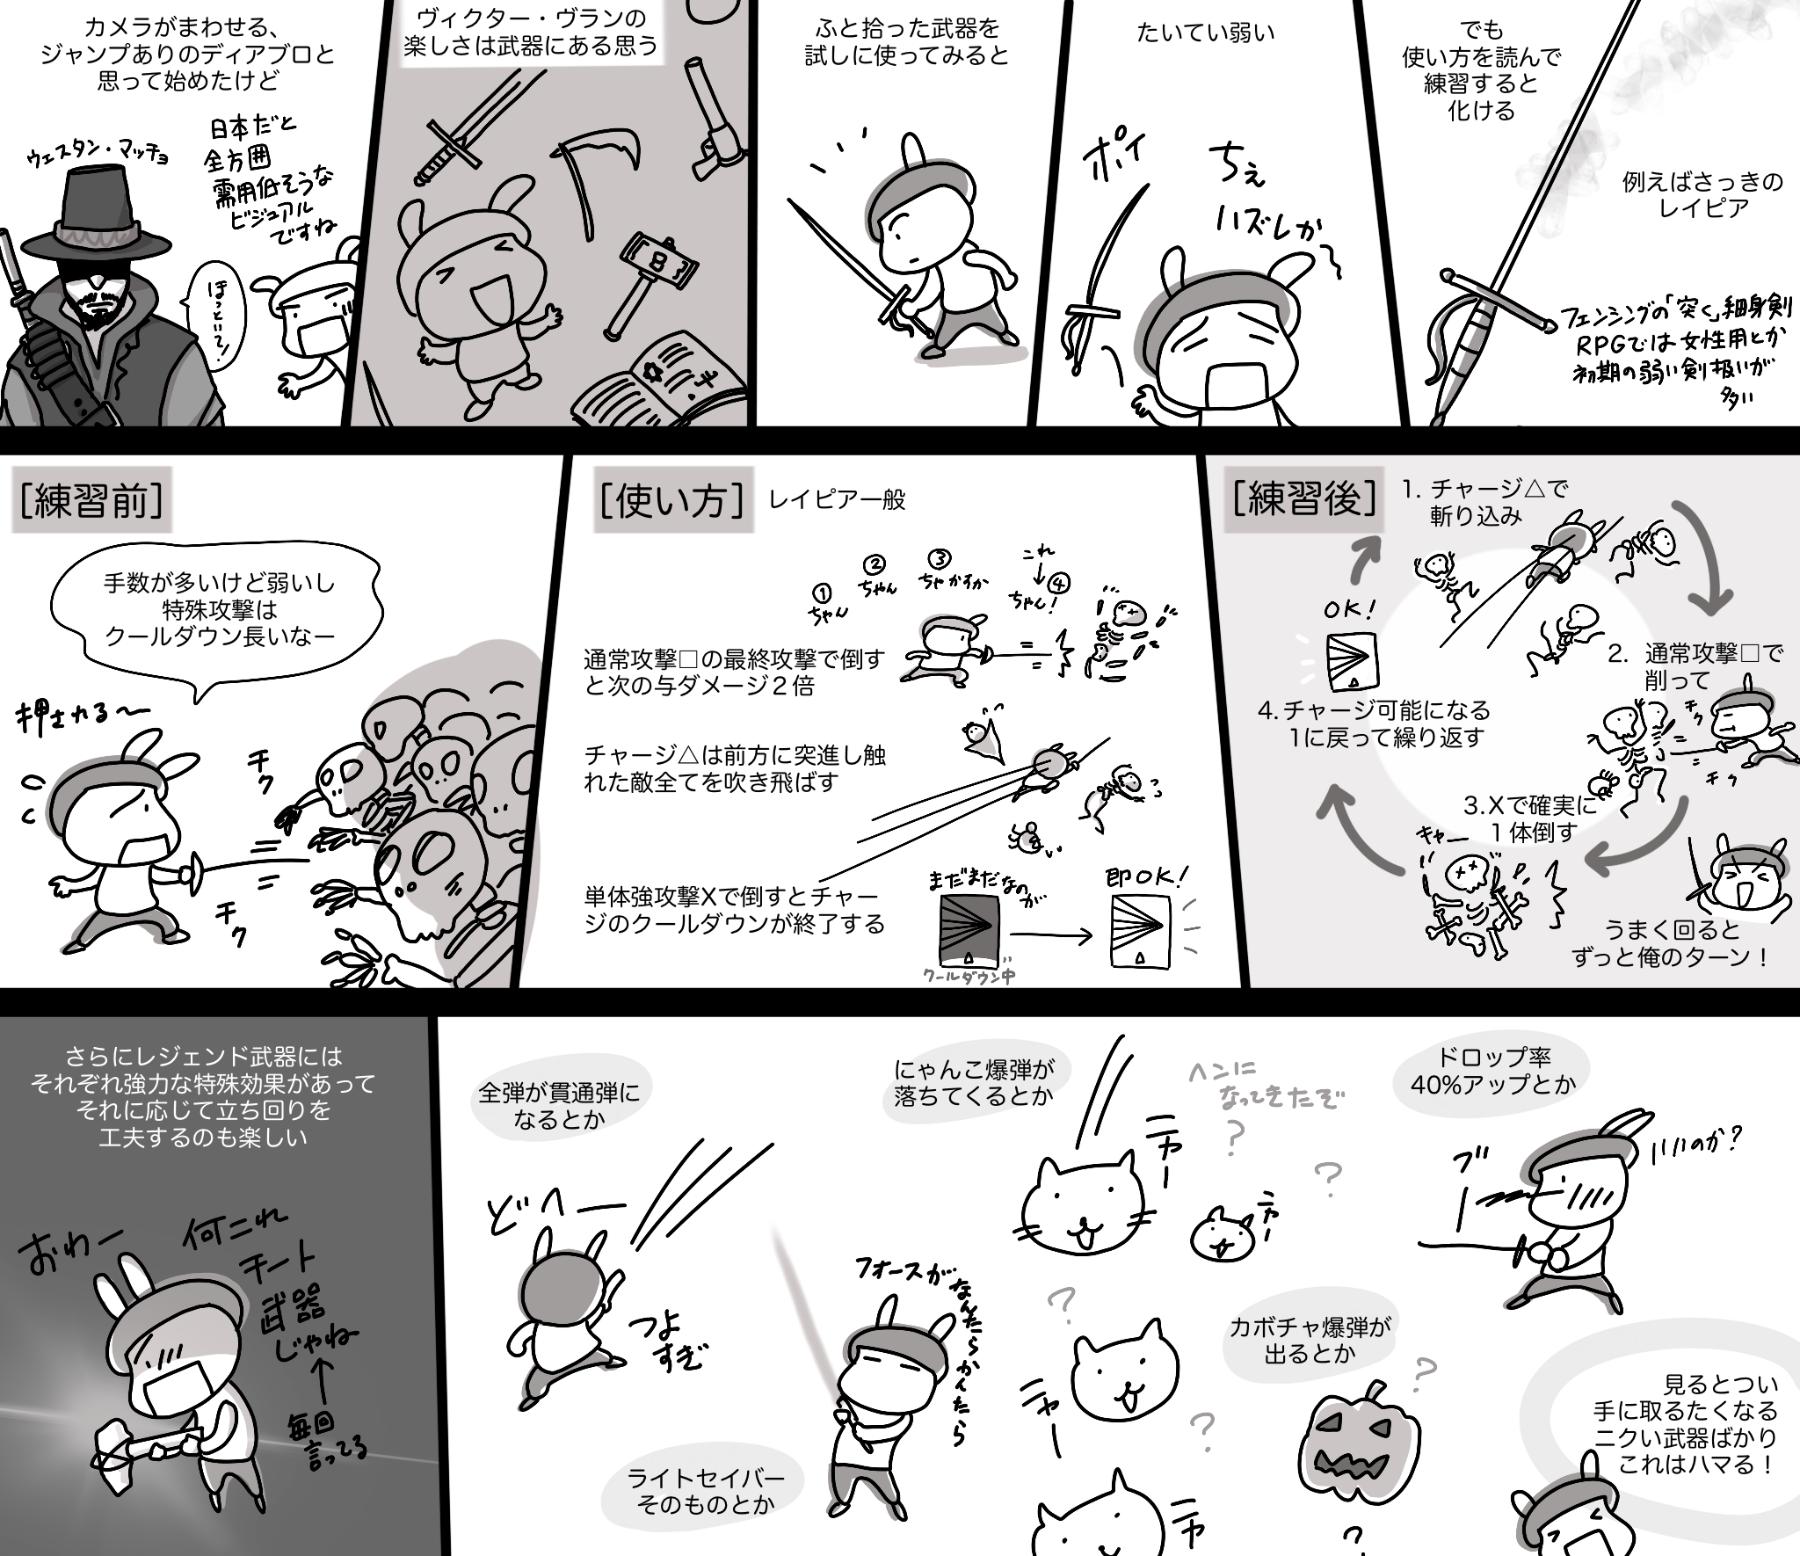 ヴィクター・ヴラン紹介漫画